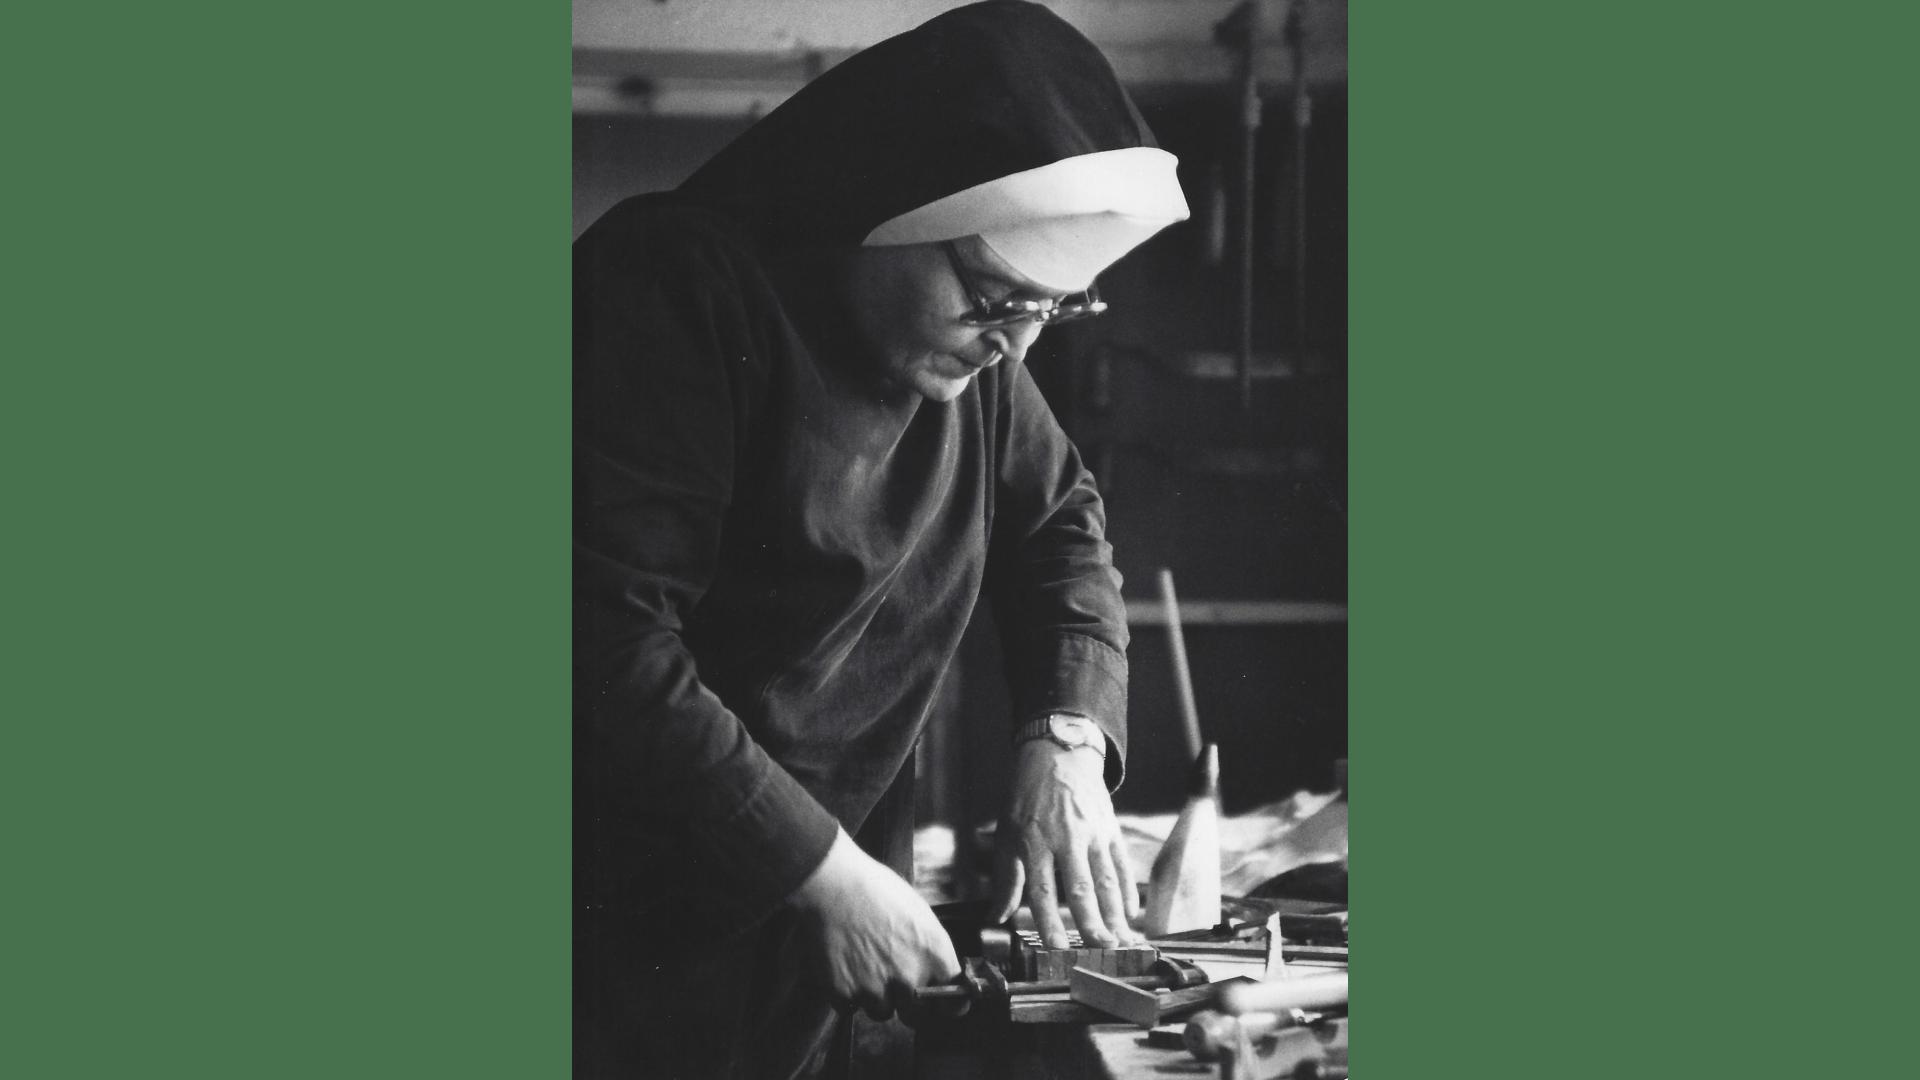 Schwester Martha pflegt neben ihren Pflichten ihr Hobby - das Schreinern. Foto: Archiv Arme Schulschwestern